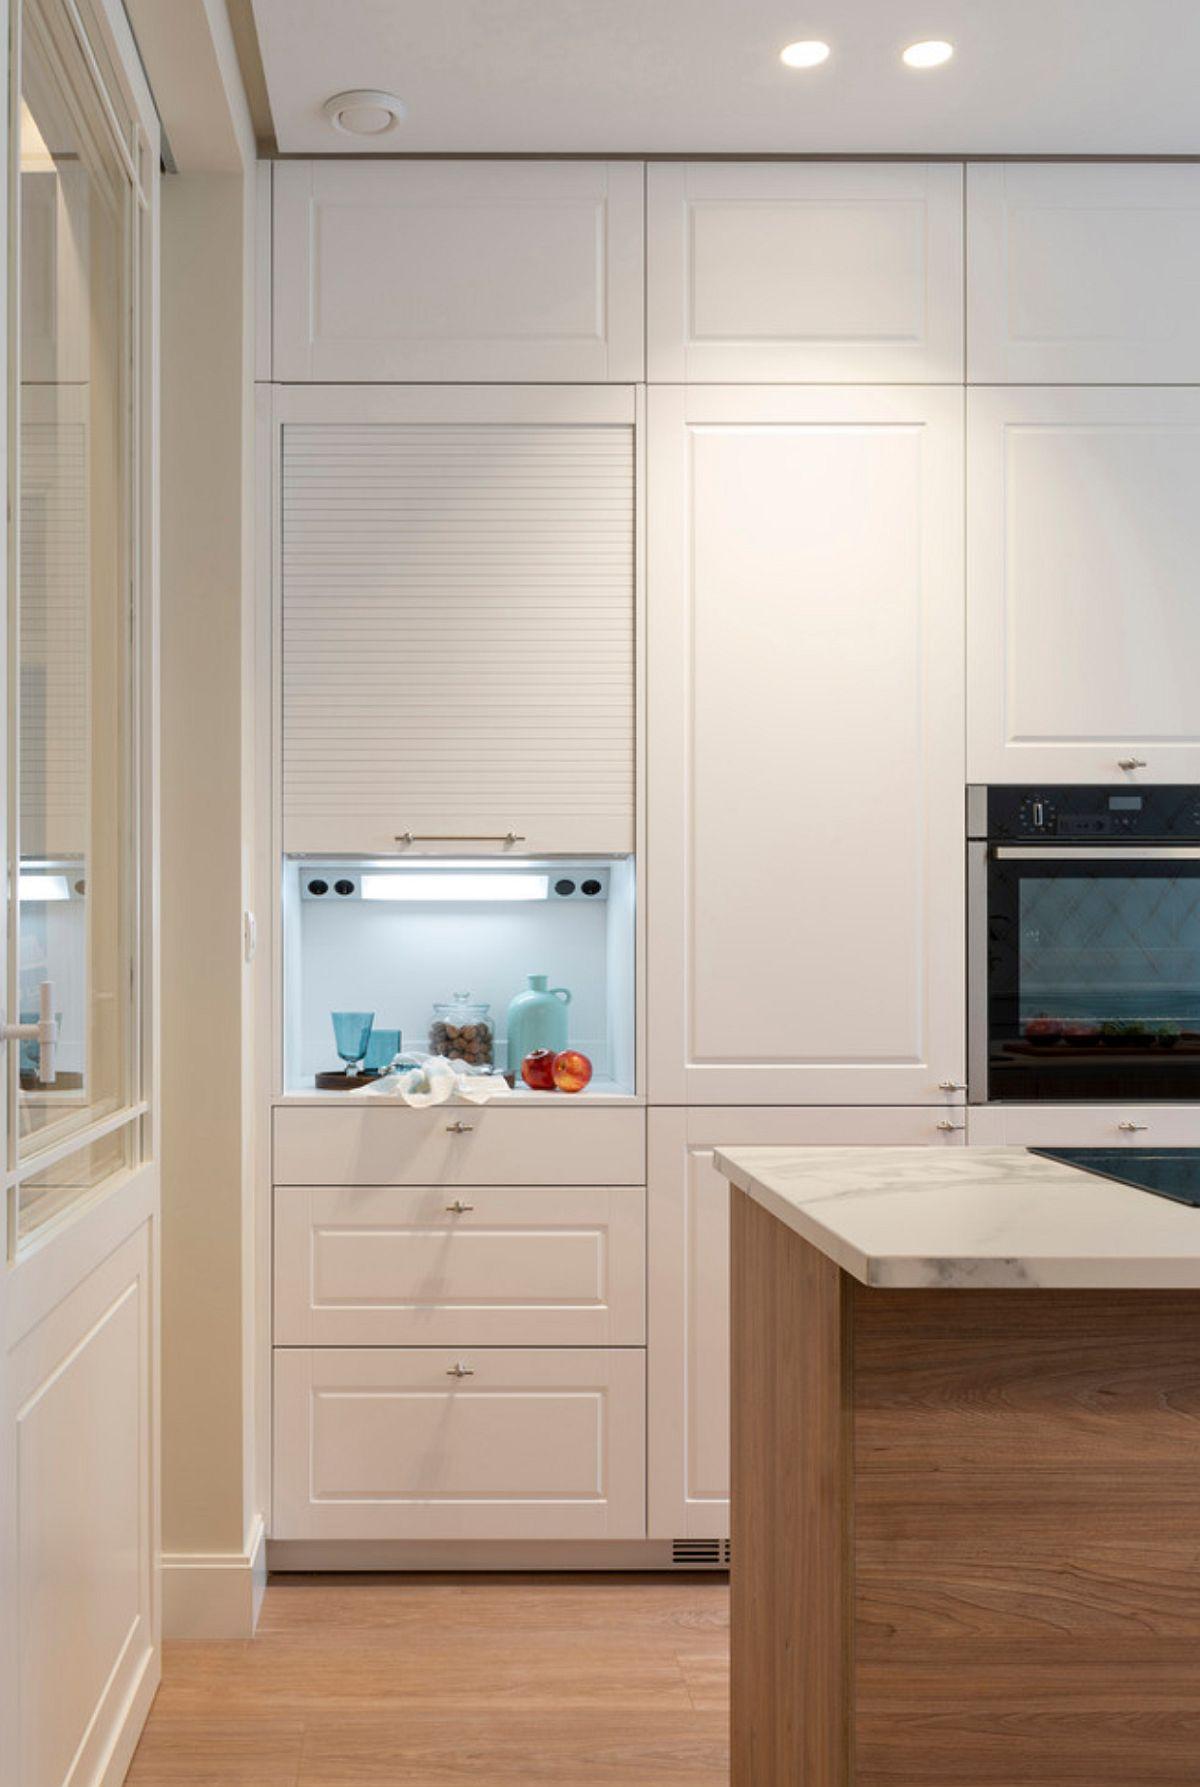 Pentru un acces ușor, dar fără a altera imaginea ordonată, dulapul din capătul bucătăriei este dotat